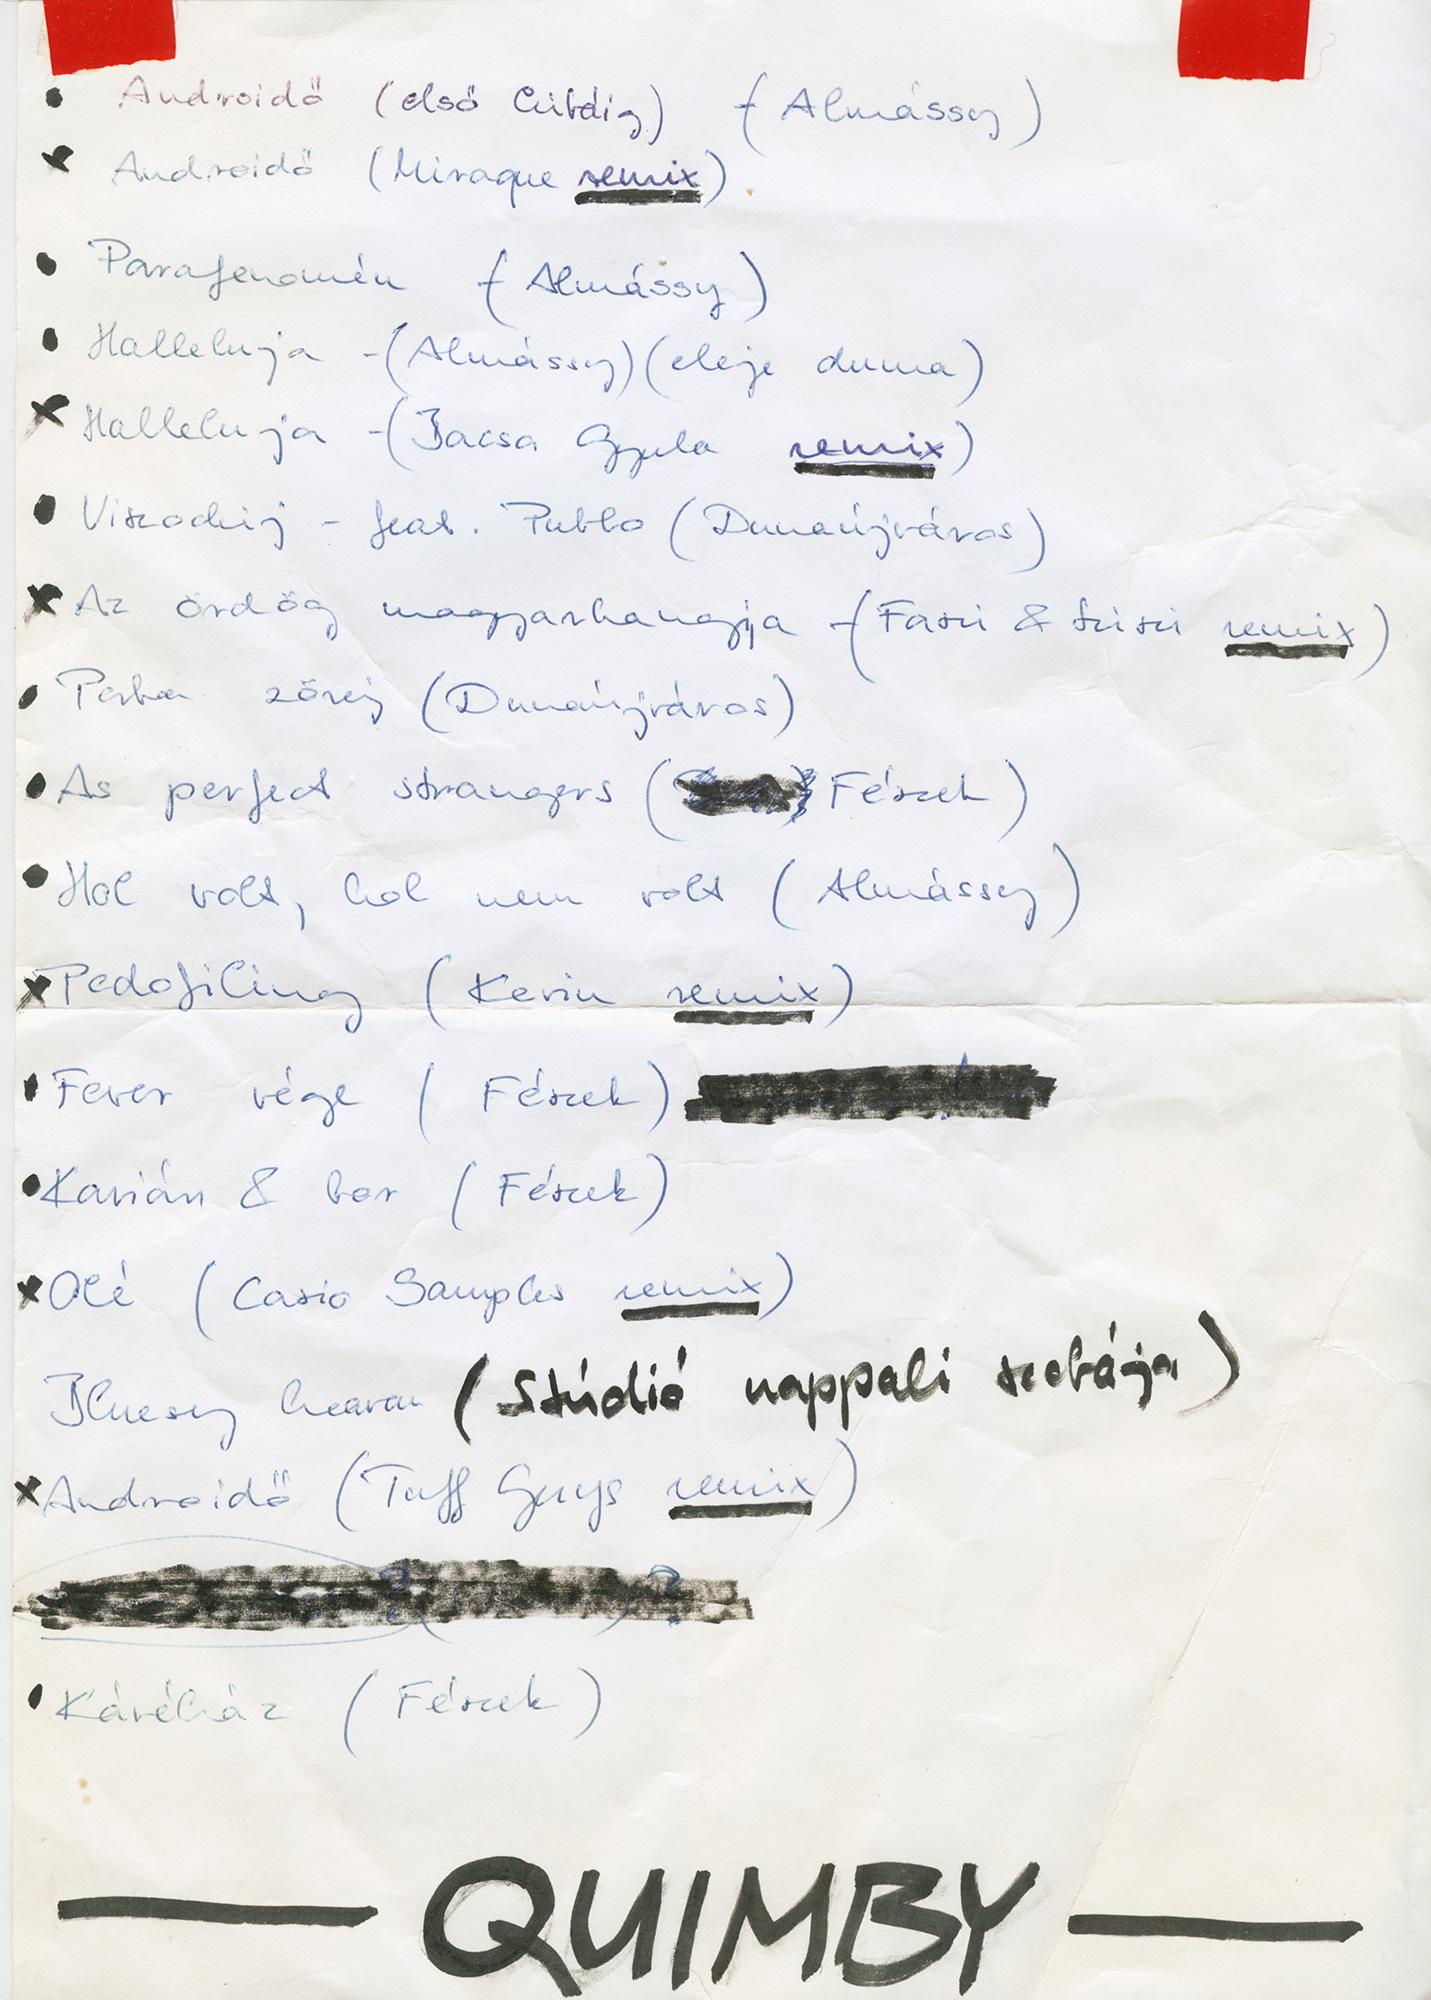 2001-xx-xx-quimby-morzsak-setlist.jpg